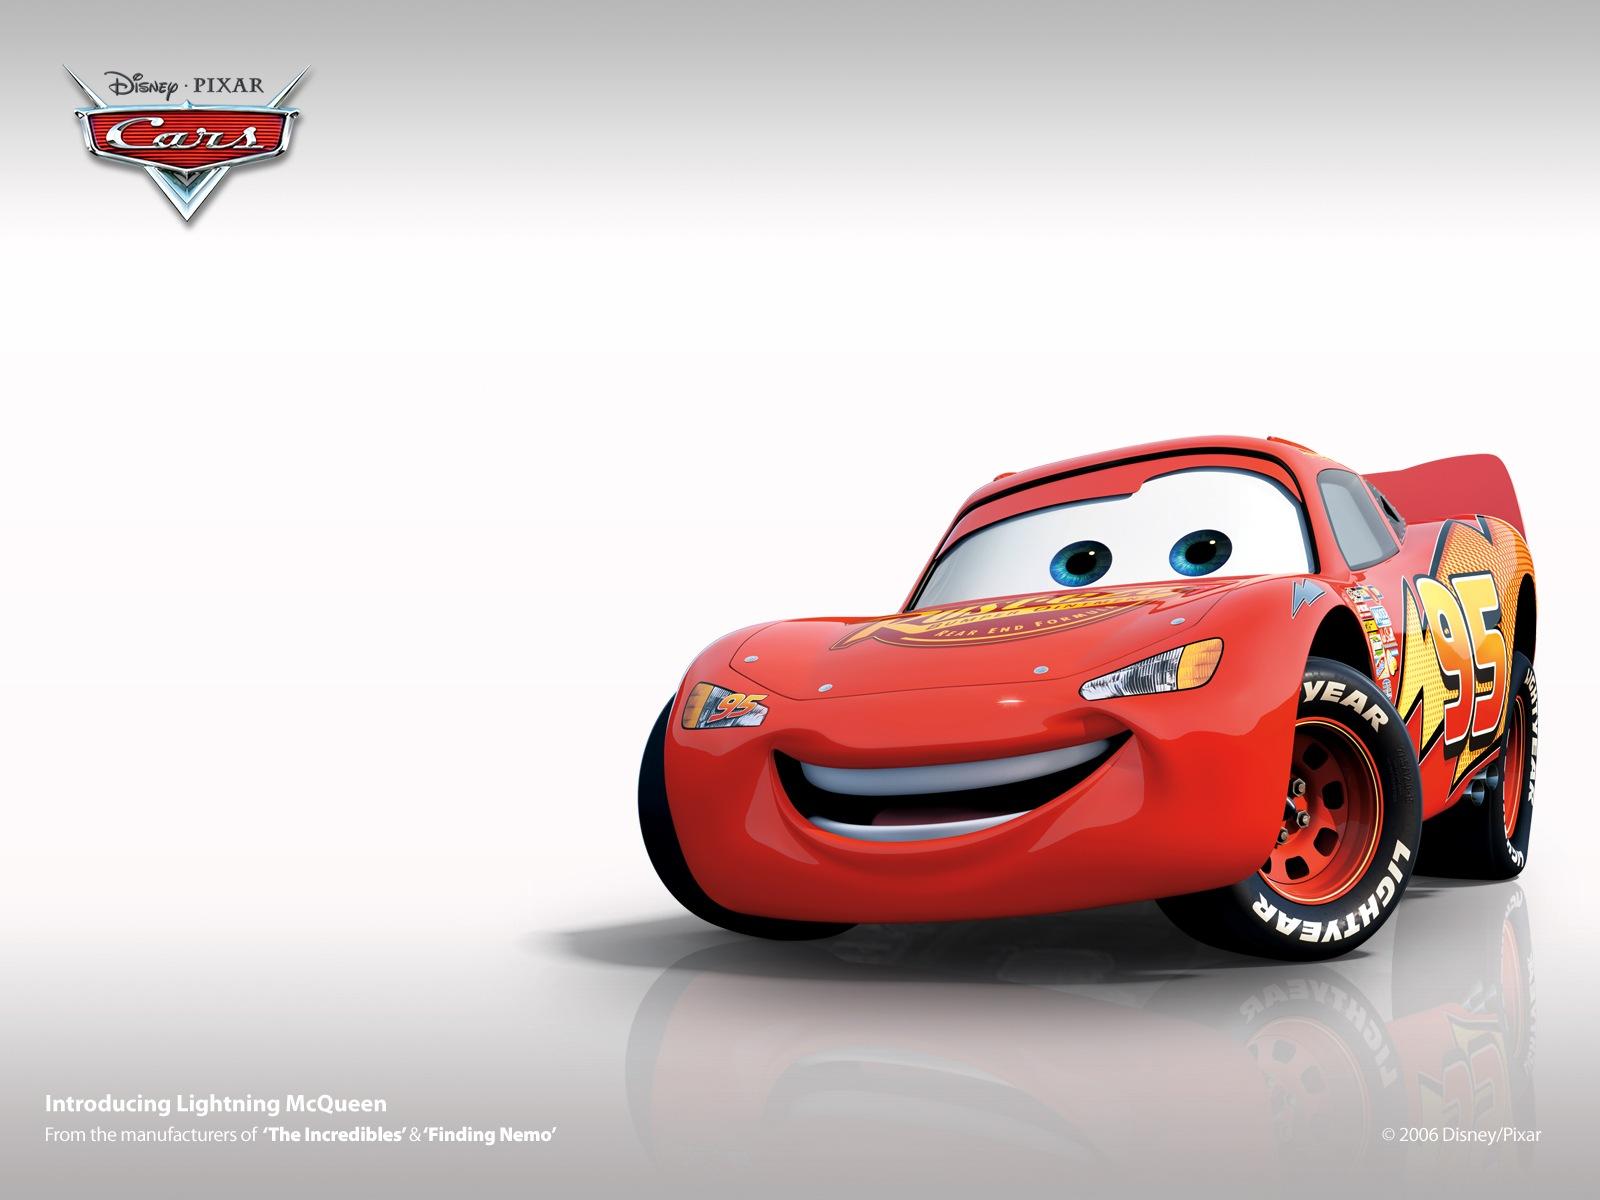 http://3.bp.blogspot.com/-OEfRWg2V99U/TniaycJoLFI/AAAAAAAADM0/gmMAE0g7OZU/s1600/pixar-cars-wallpaper-2.jpg